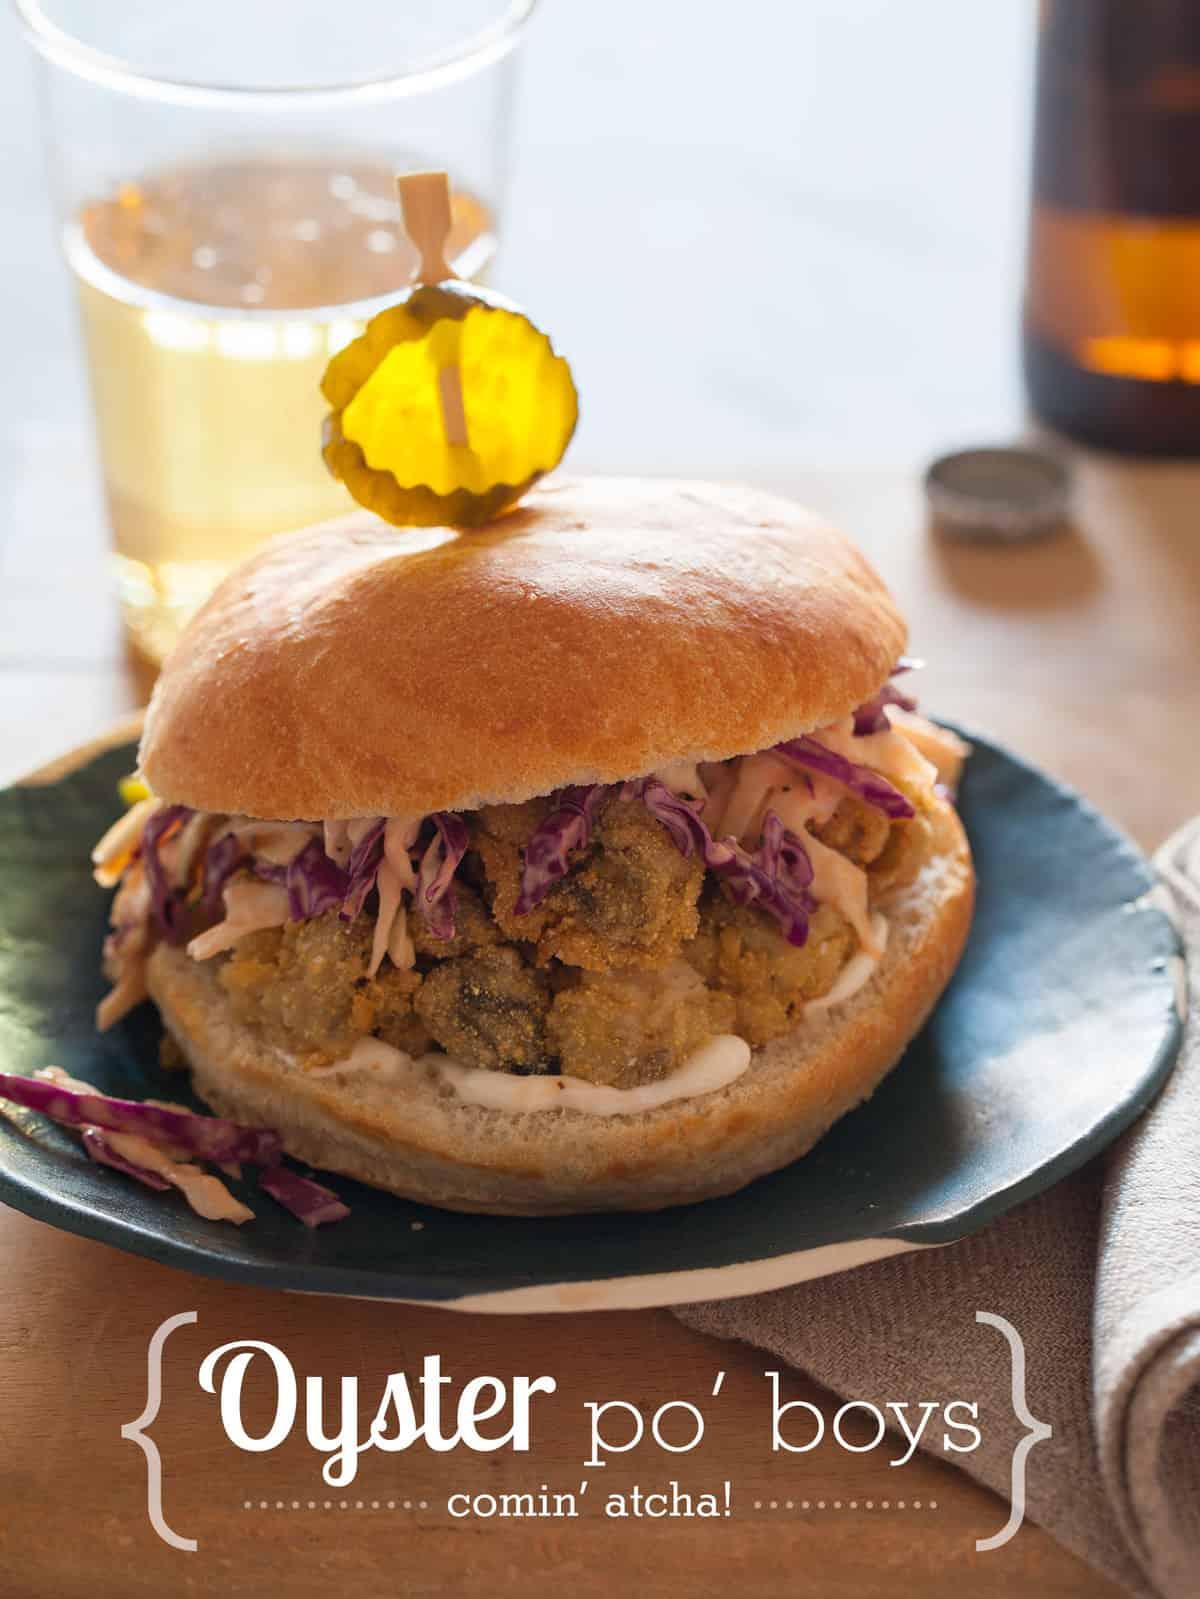 Oyster po boy | Yummy FOOD | Pinterest